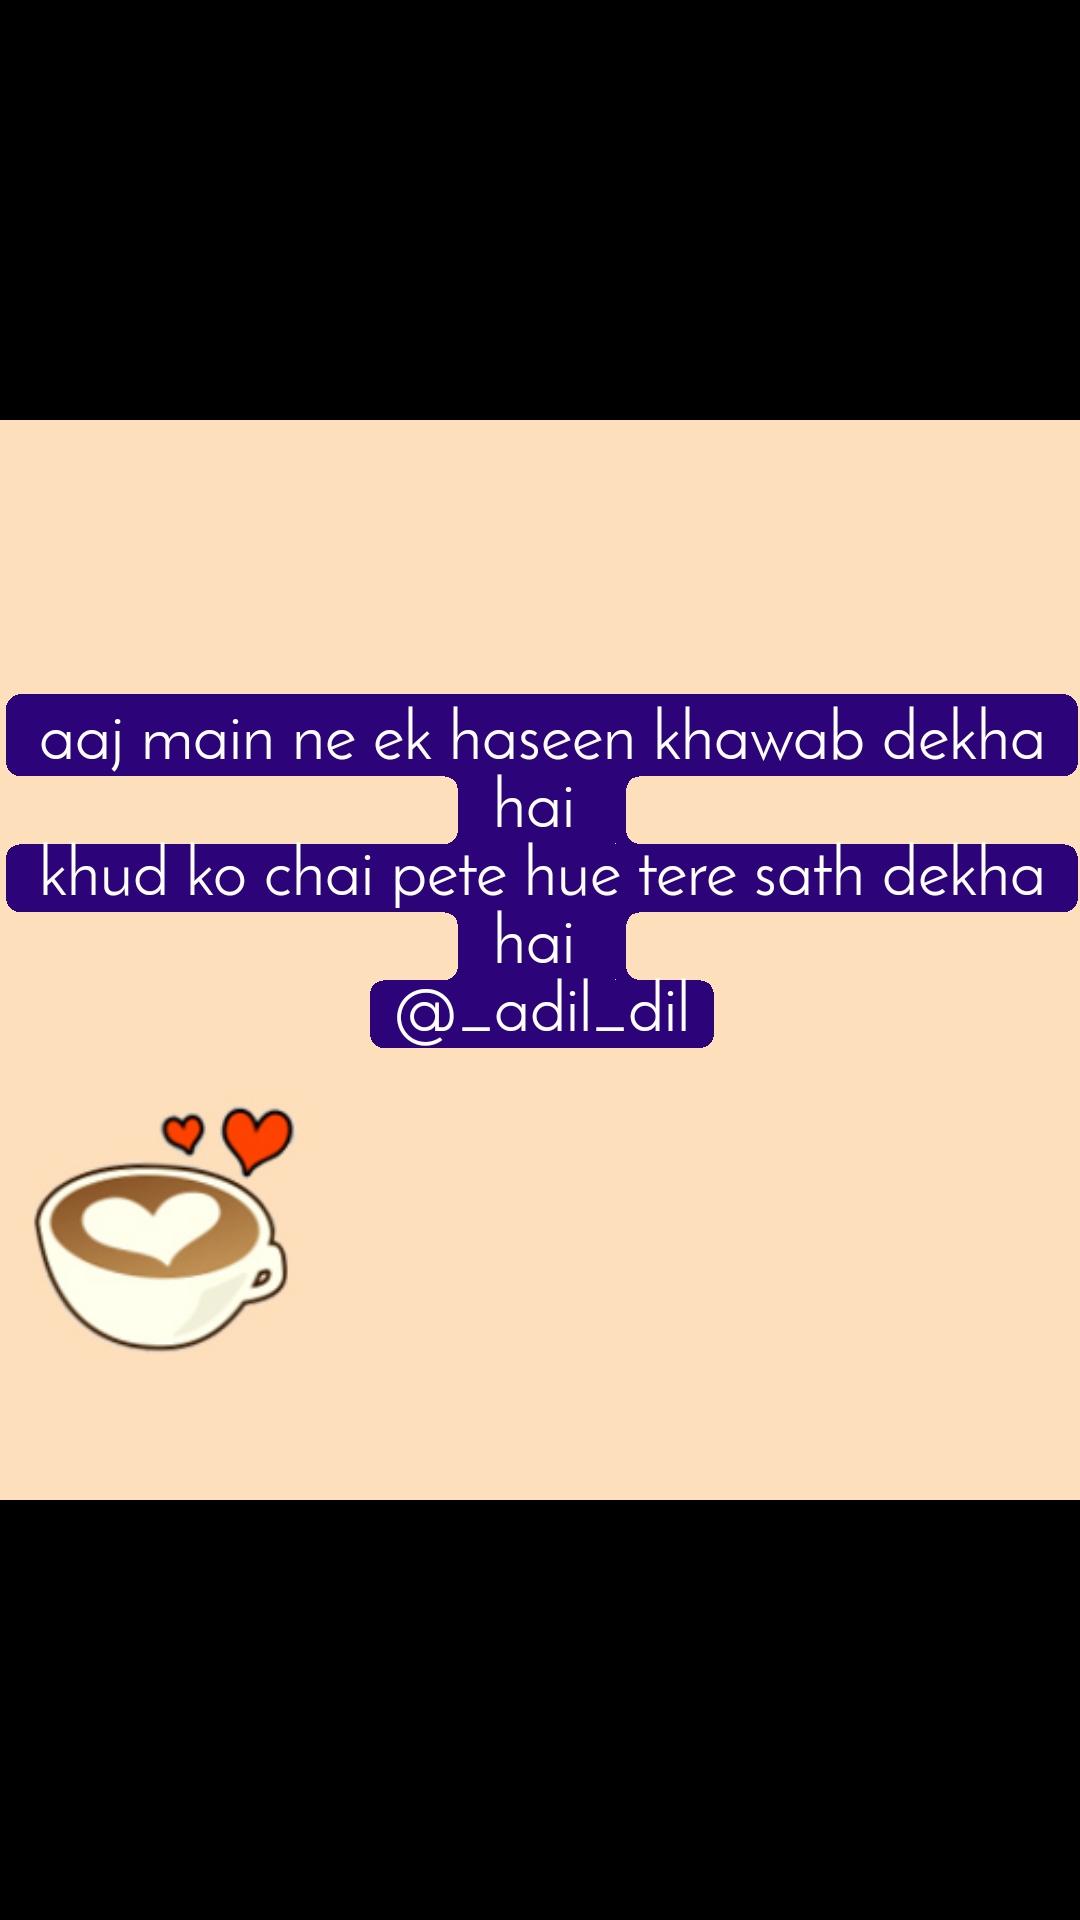 aaj main ne ek haseen khawab dekha hai  khud ko chai pete hue tere sath dekha hai  @_adil_dil